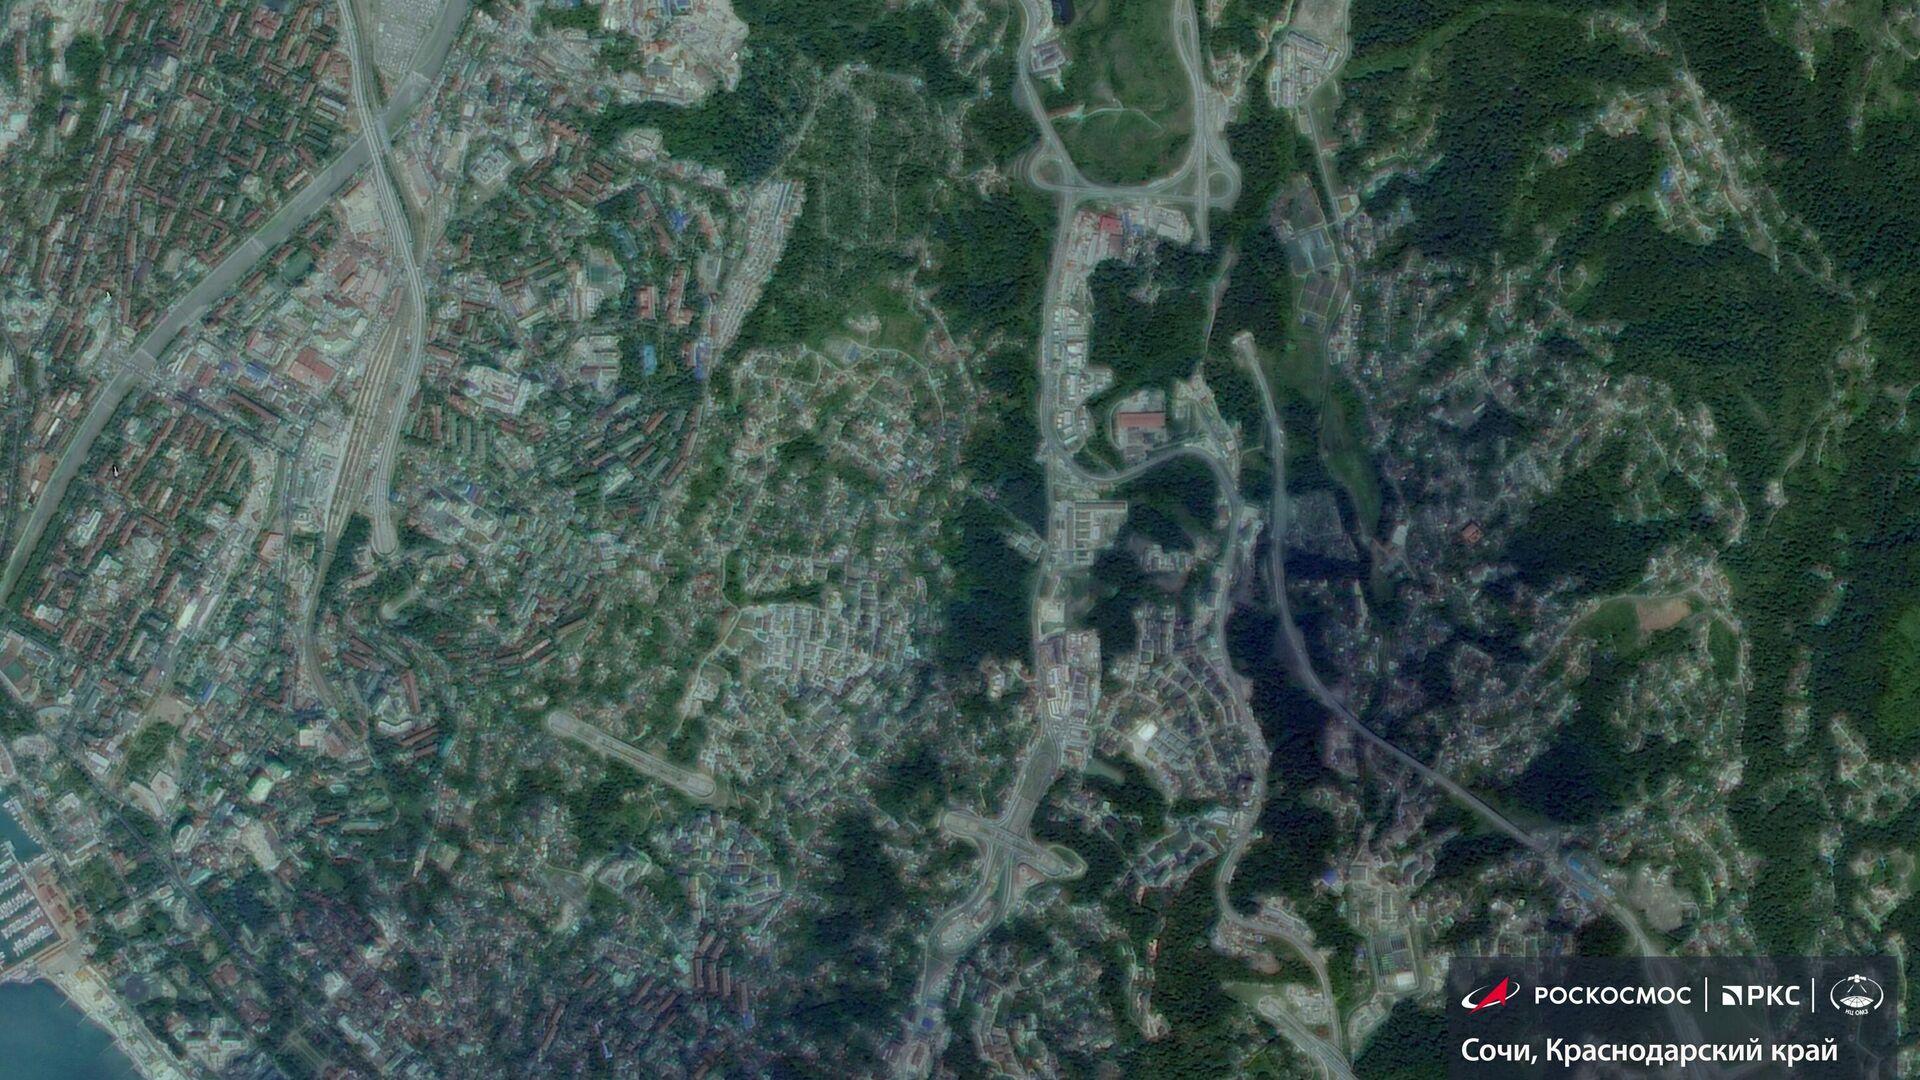 Спутниковые снимки подтопленного из-за дождей Сочи - РИА Новости, 1920, 07.07.2021